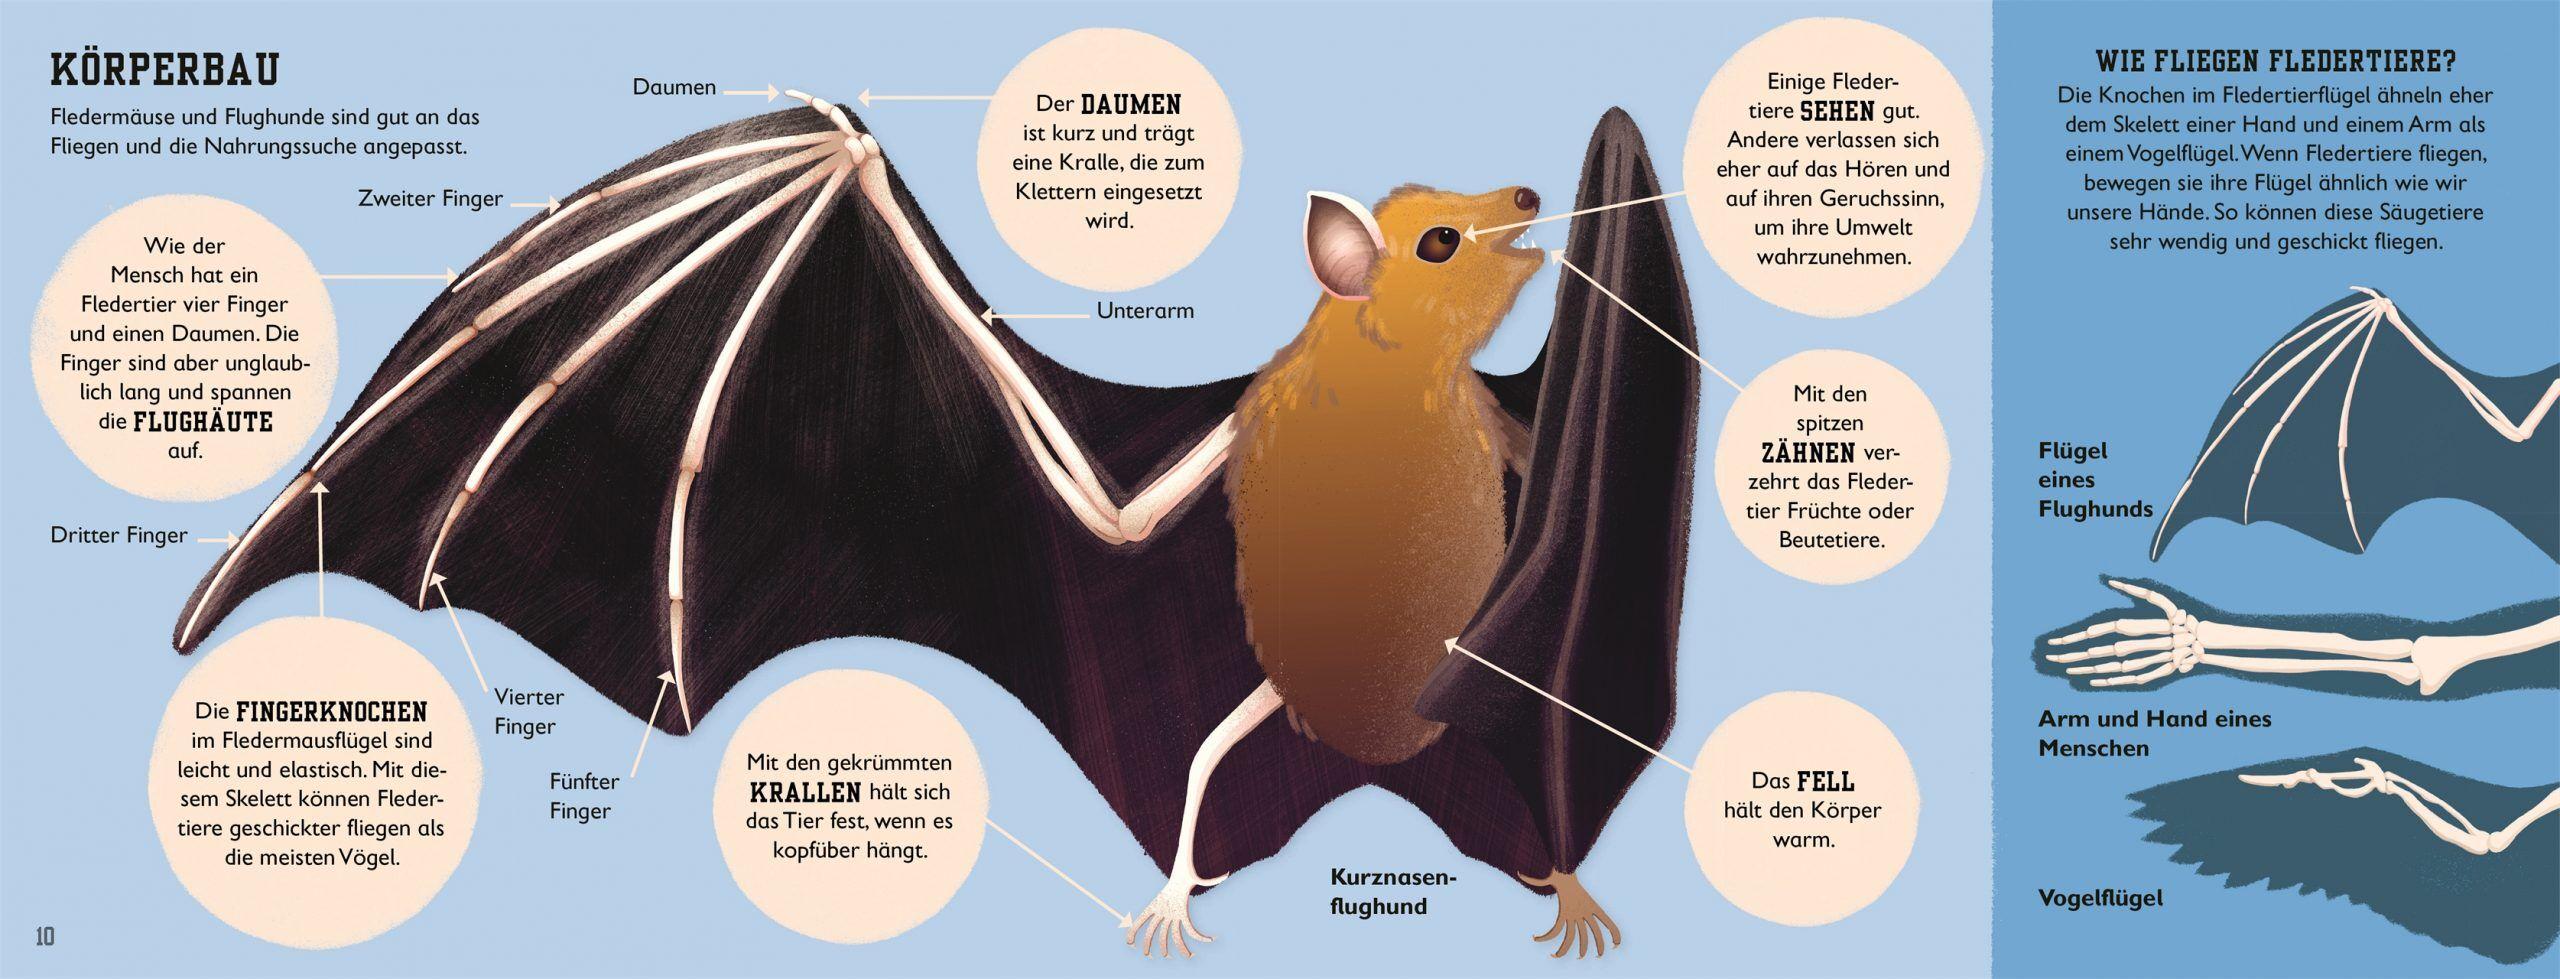 7001002 DK Fledermaus - Sachbuch Tiere für Kinder - ab 5 Jahren - 9783831040605 - Körperbau